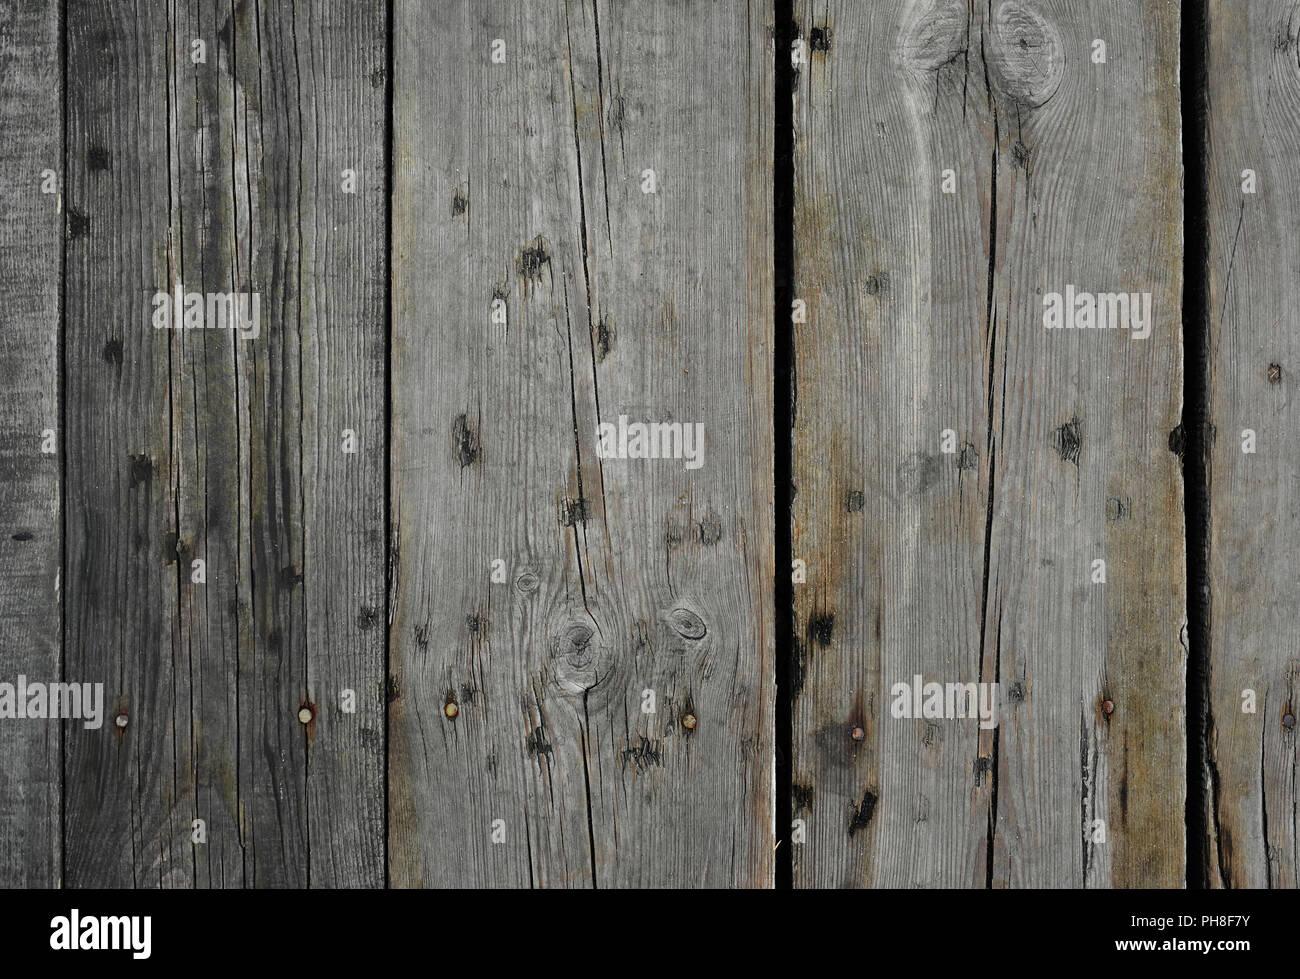 alte holzbohlen als hintergrund- oder textur stockfoto, bild